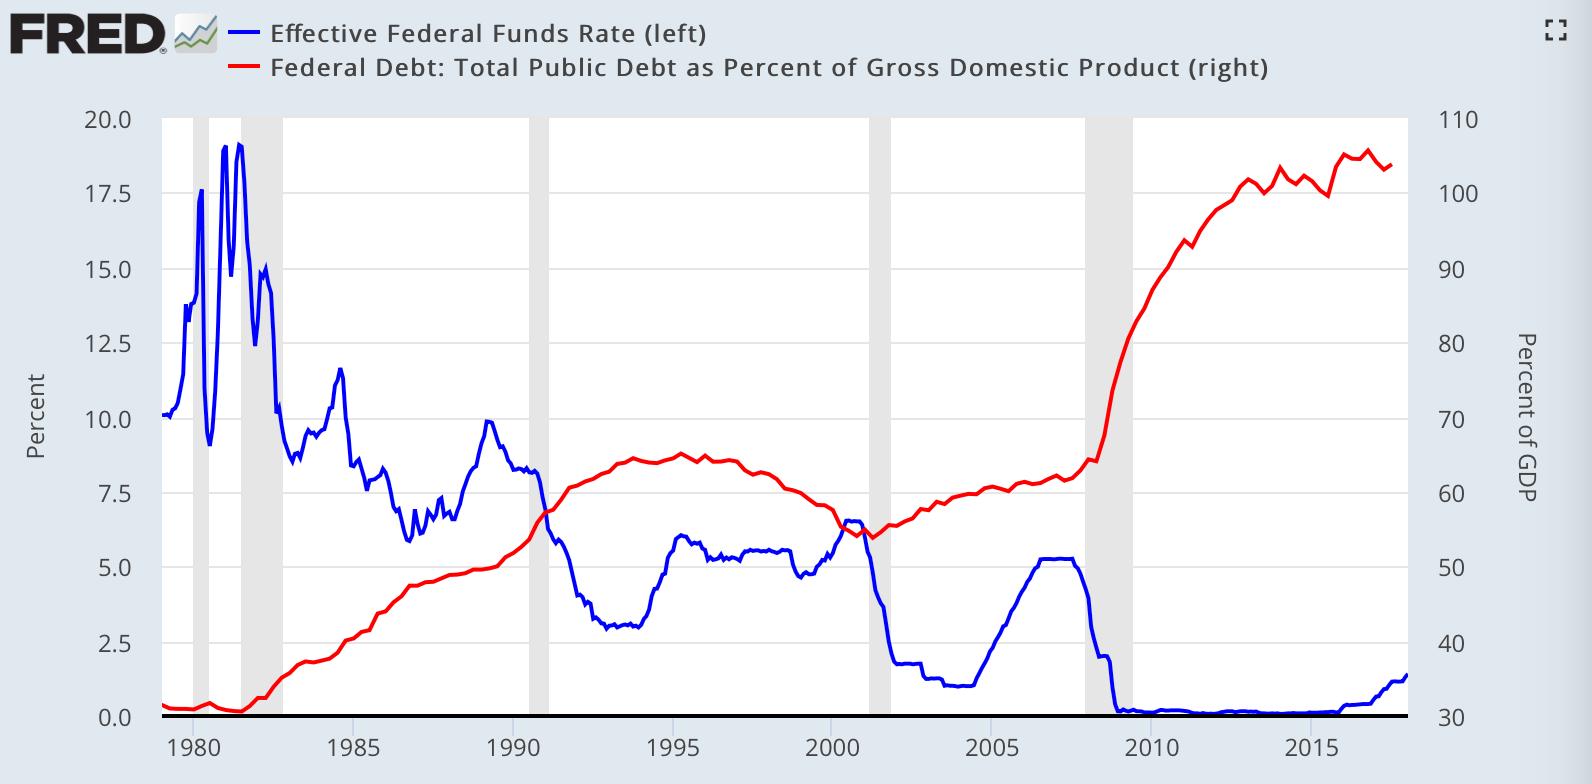 https://i0.wp.com/northmantrader.com/wp-content/uploads/2018/02/debt-rates.png?ssl=1